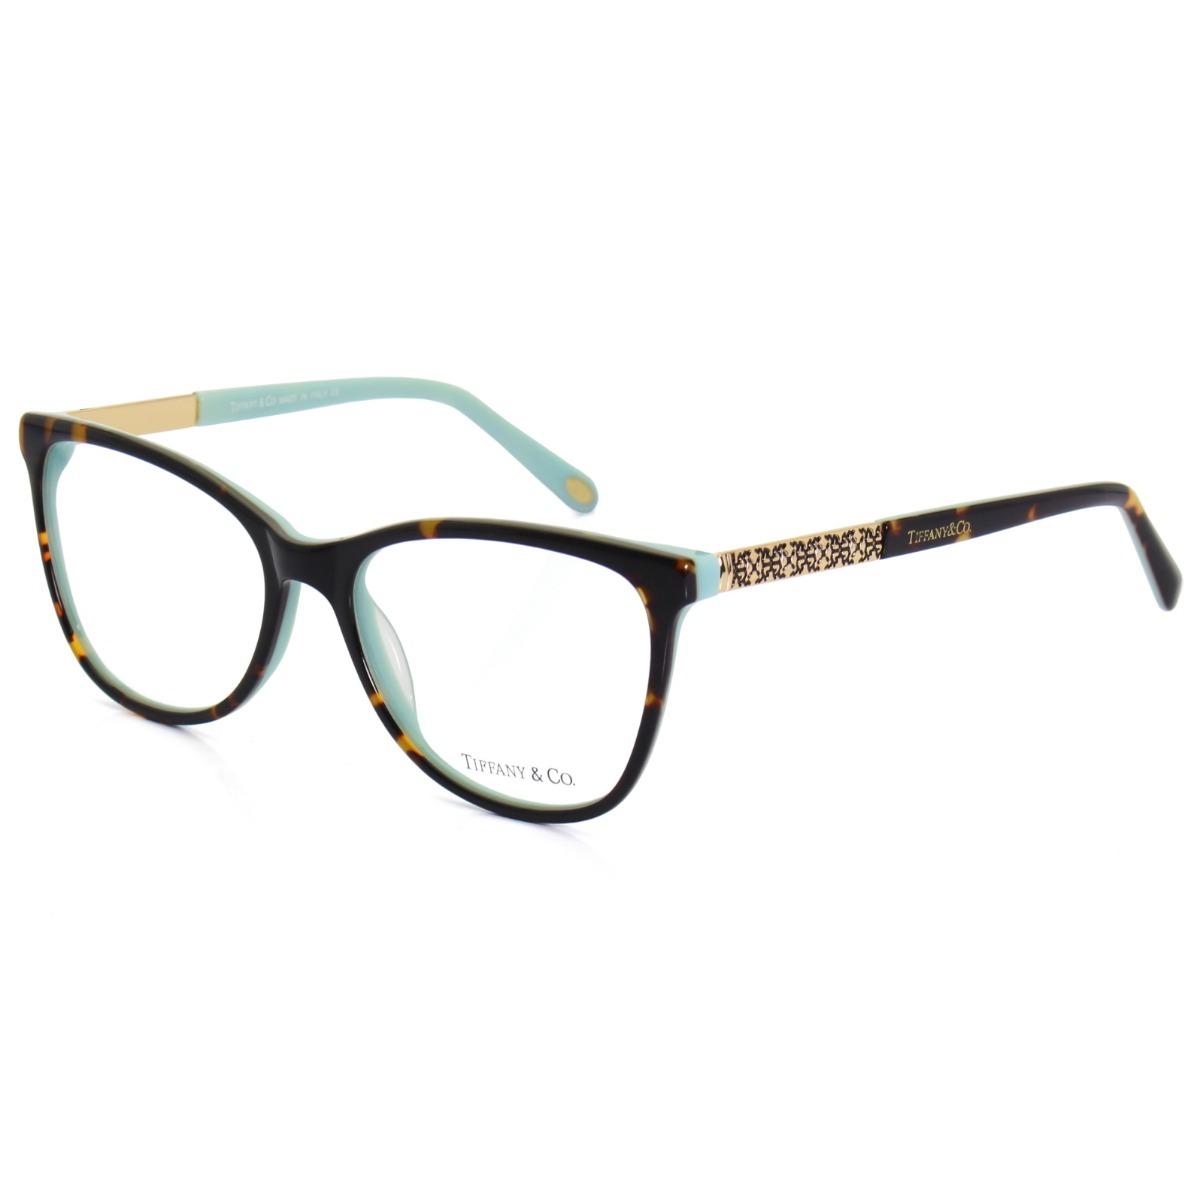 40f47a8becdbd Armação Oculos De Grau Tiffany   Co. Tf2099 Acetato - R  129